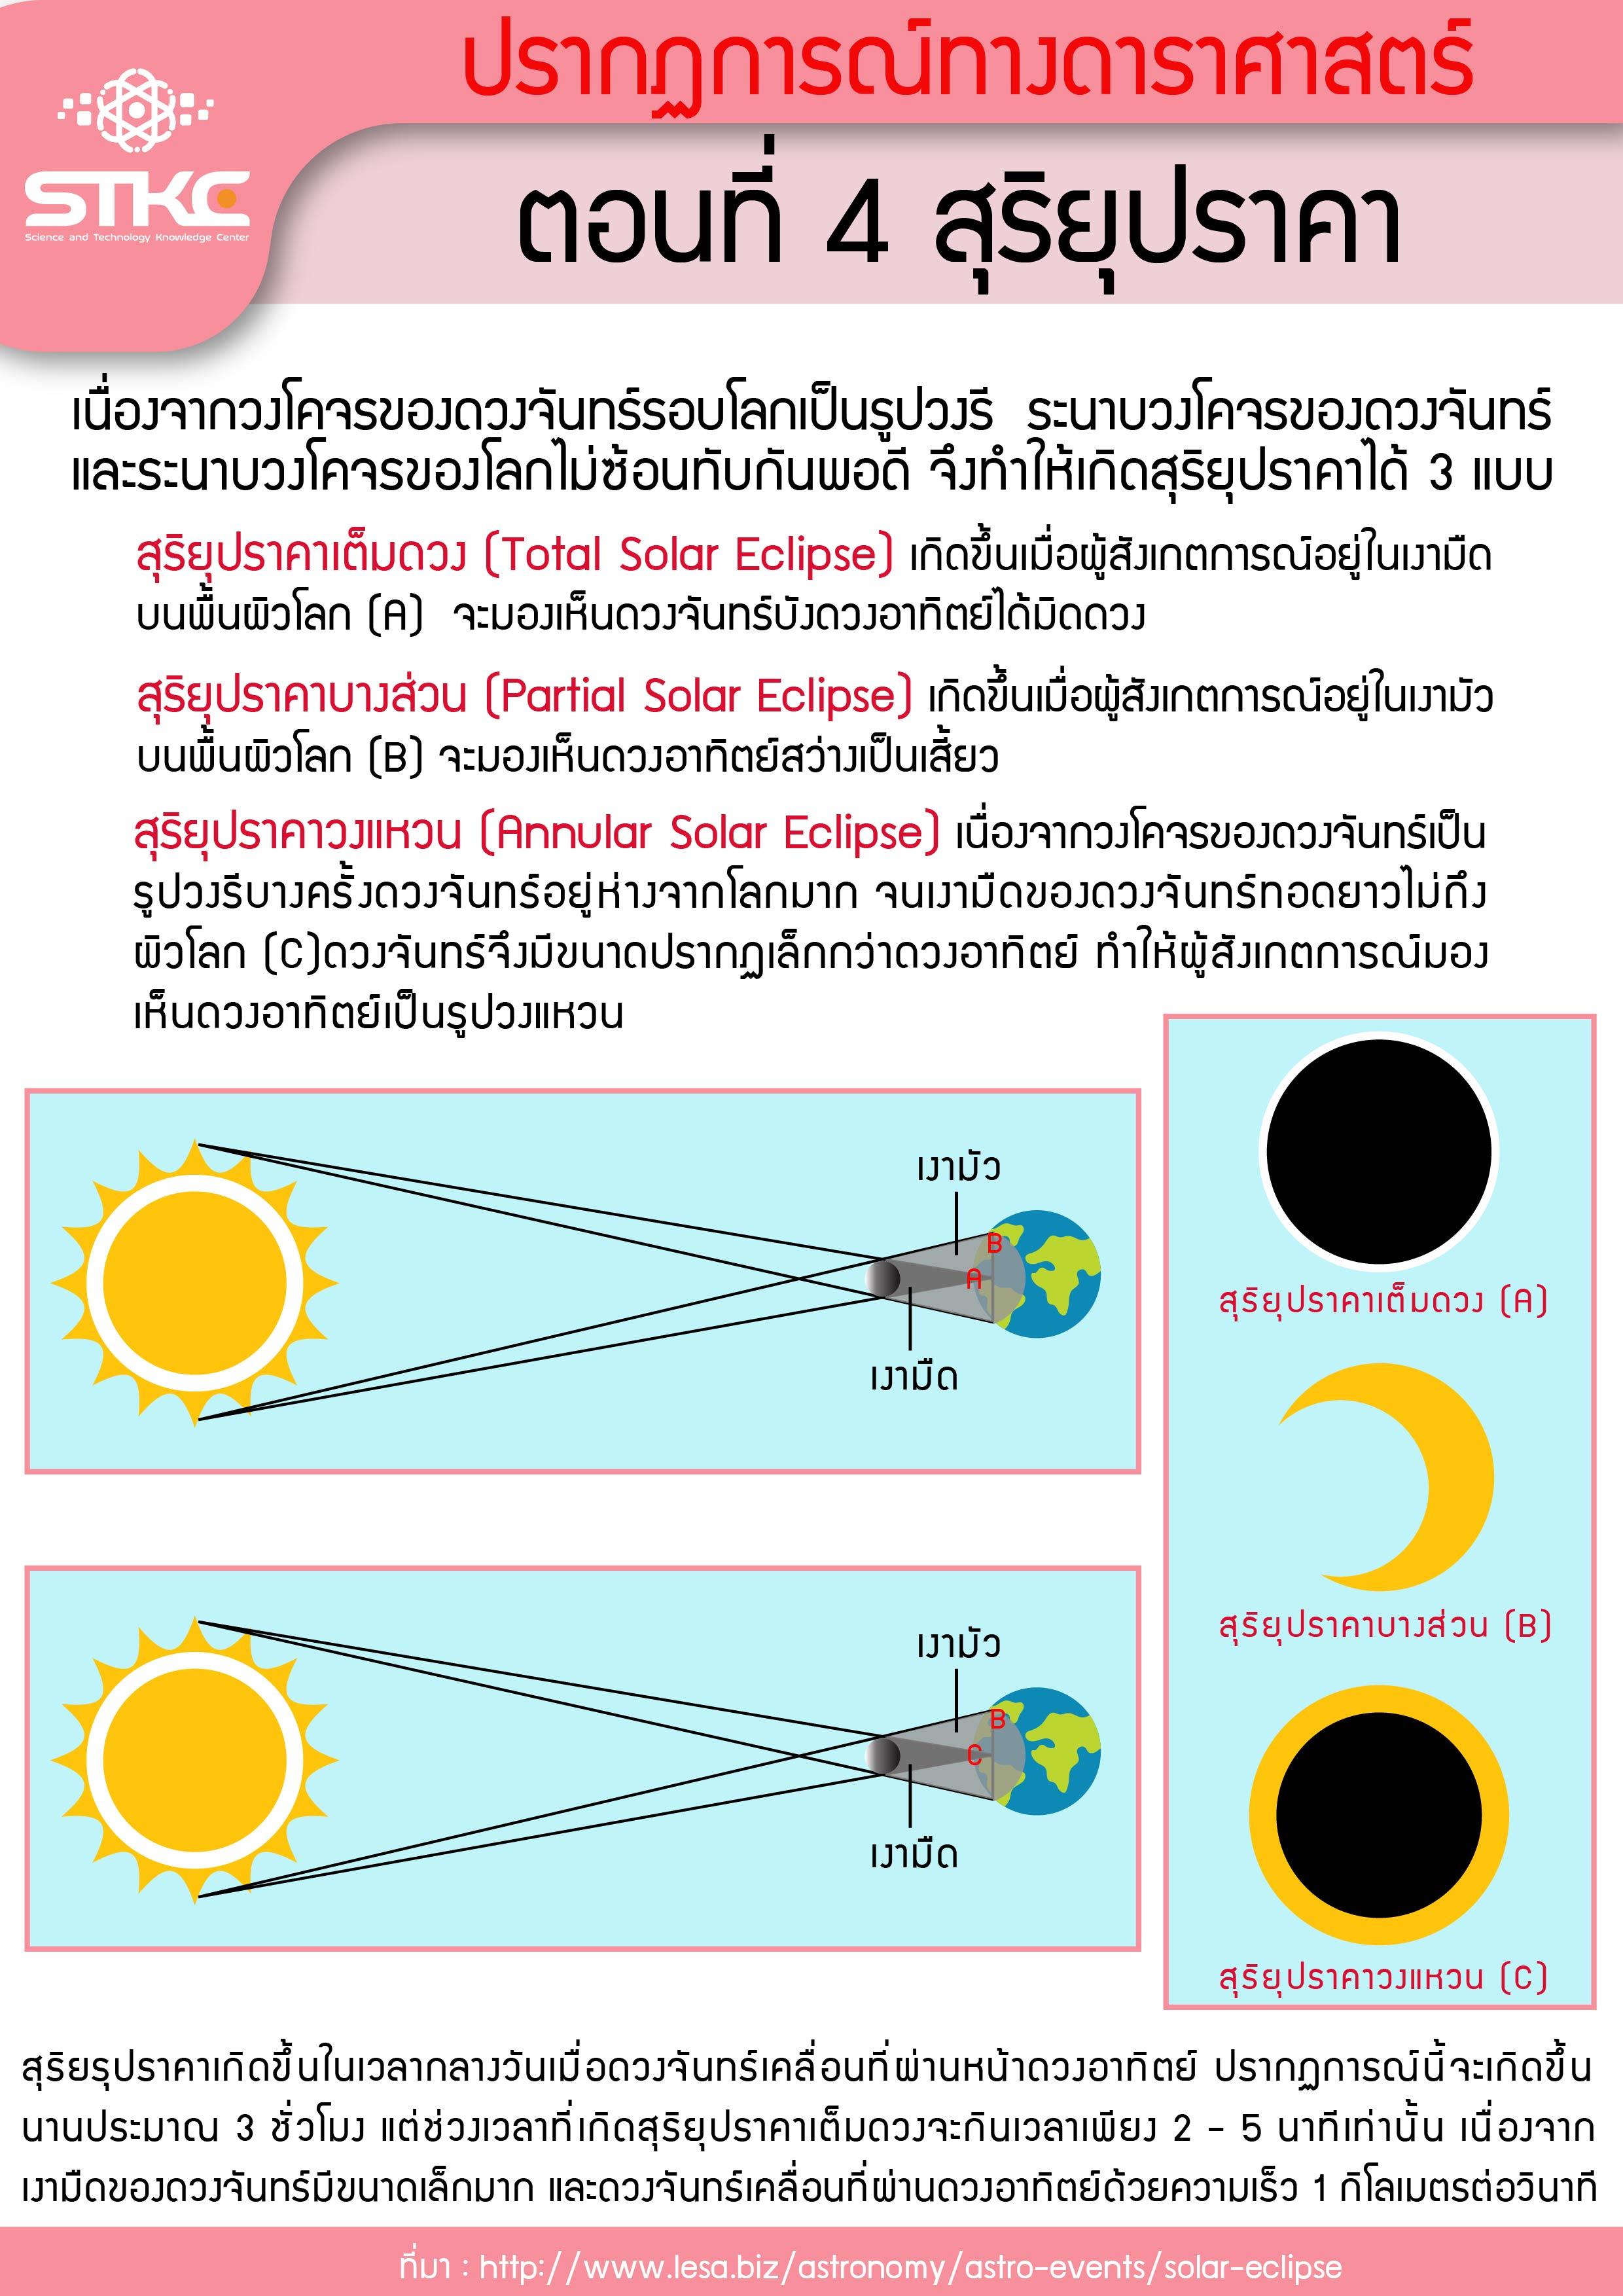 ปรากฏการณ์ทางดาราศาสตร์ ตอนที่ 4 สุริยุปราคา